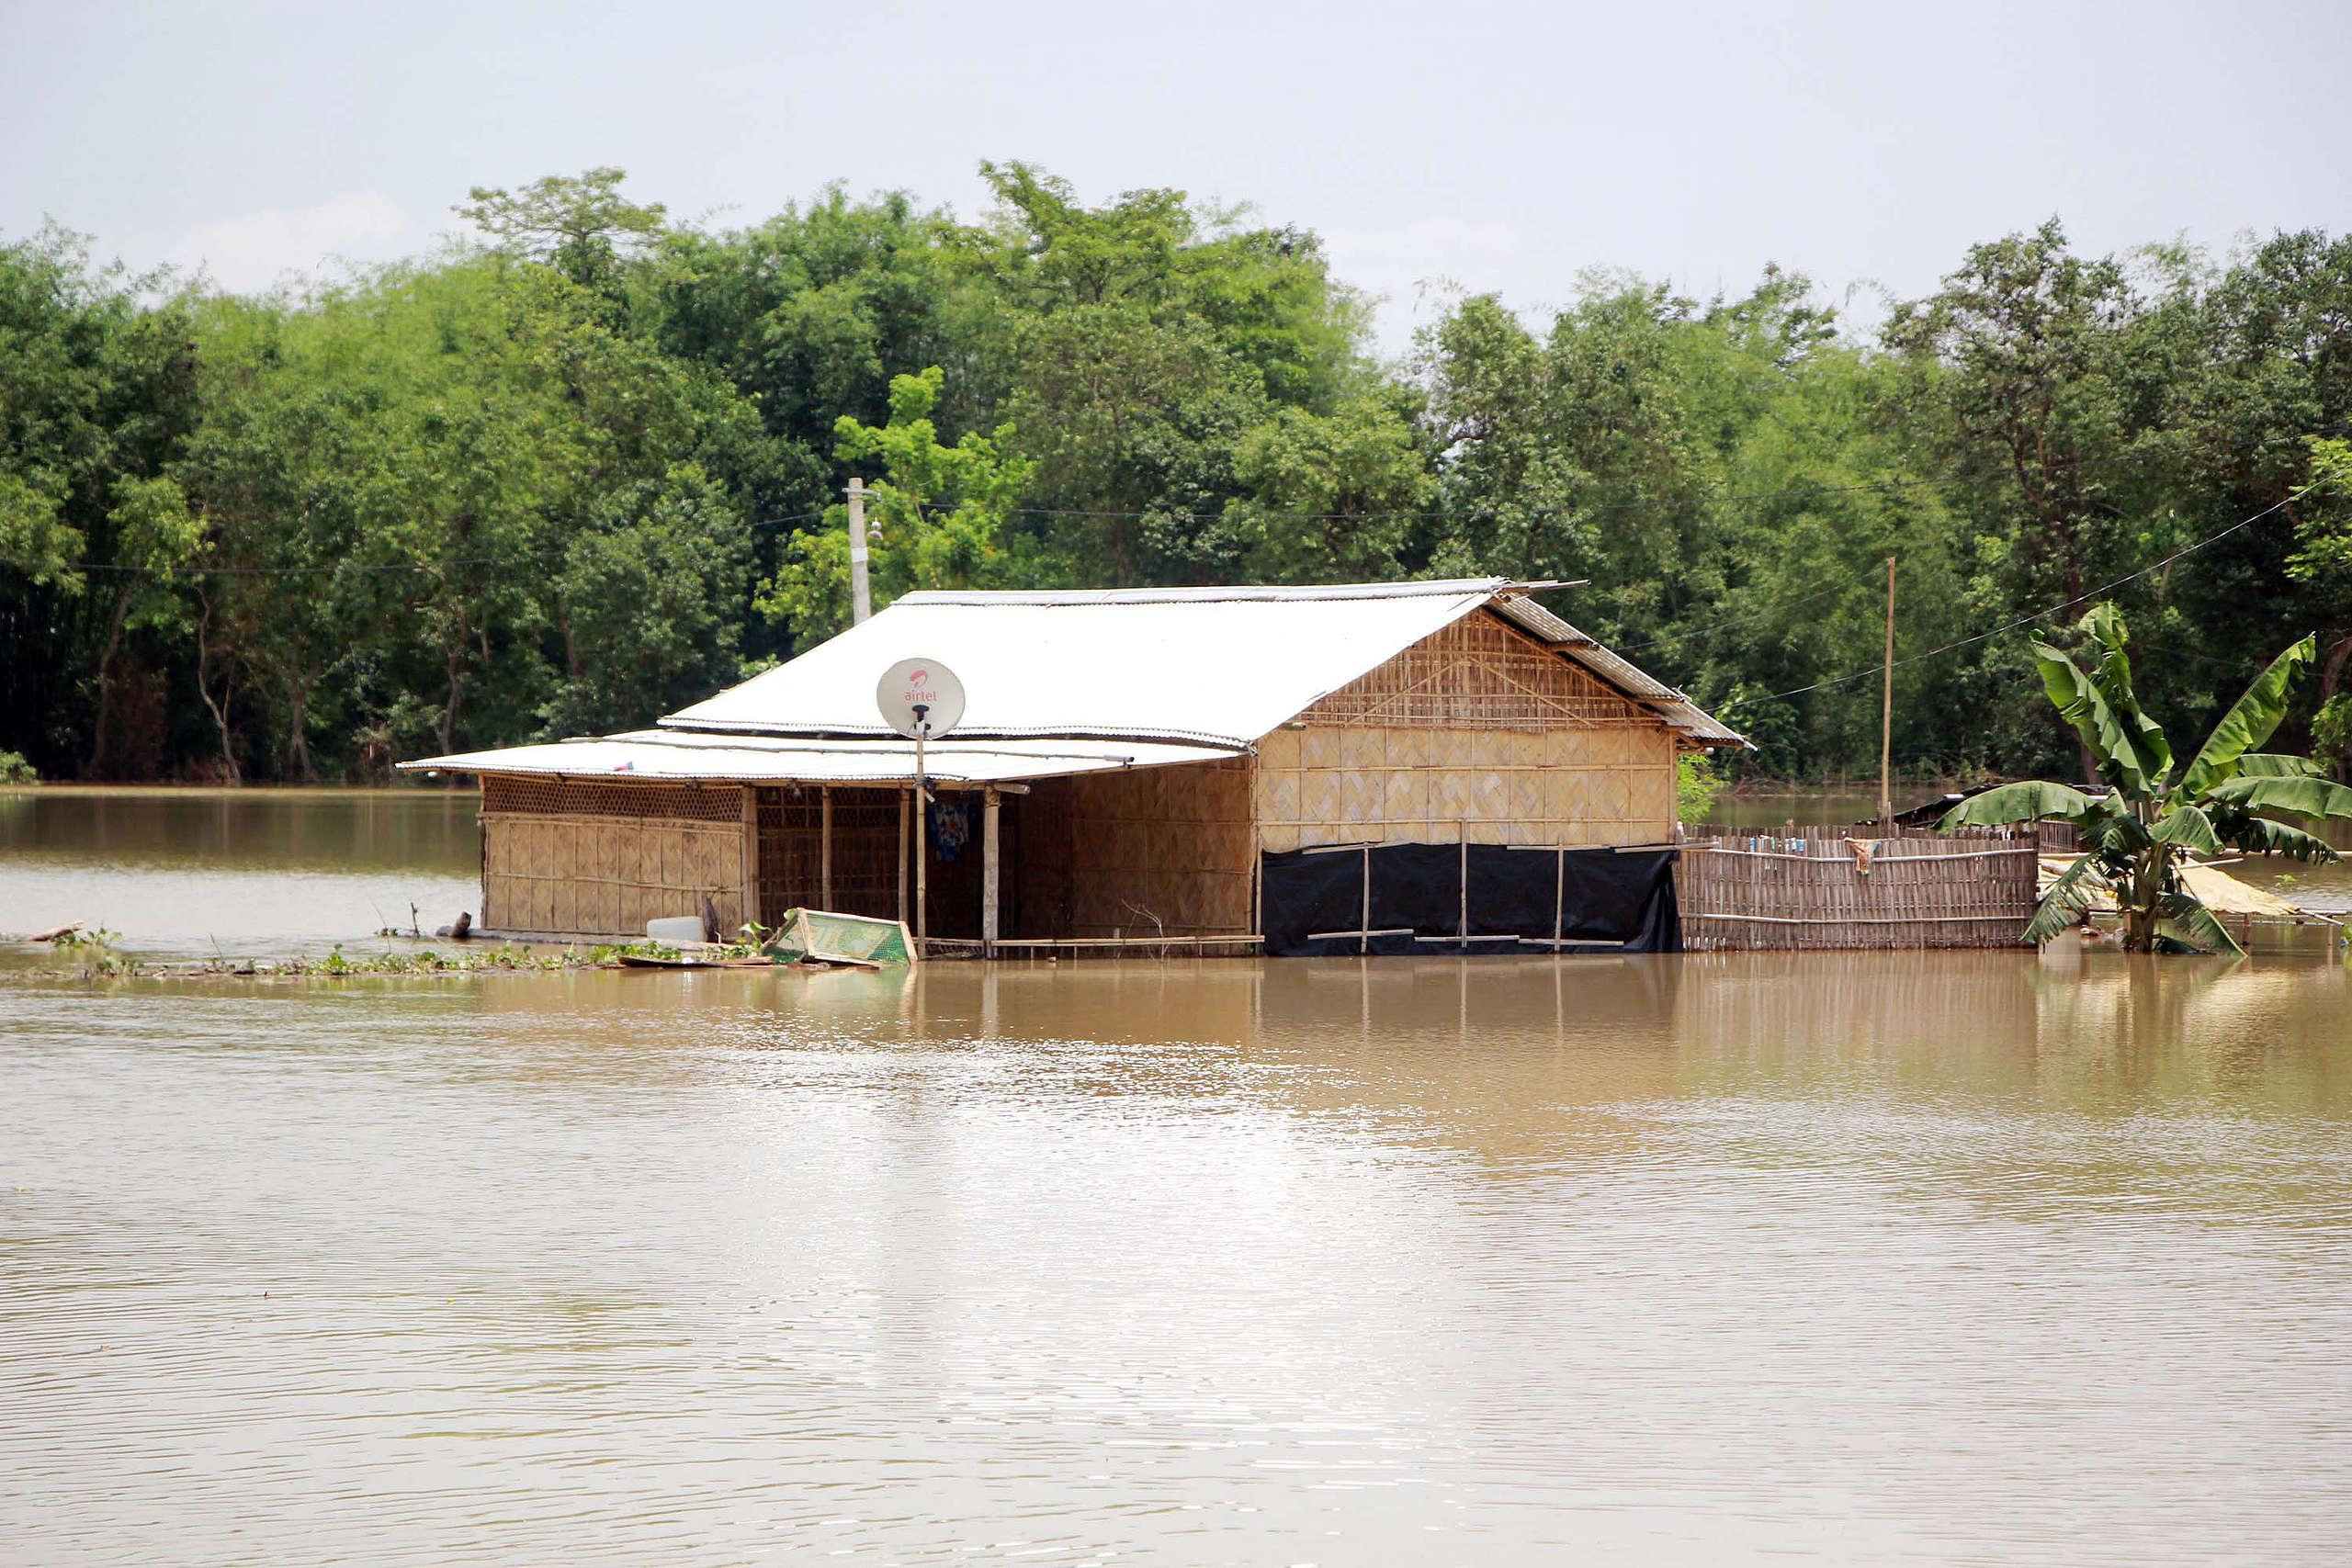 2020年5月30日,印度阿薩姆州那岡縣(Nagaon)的民房被淹在水中。對印度東北方來說,淹水已是每年都會發生的現象,平均年年奪走數百條生命。